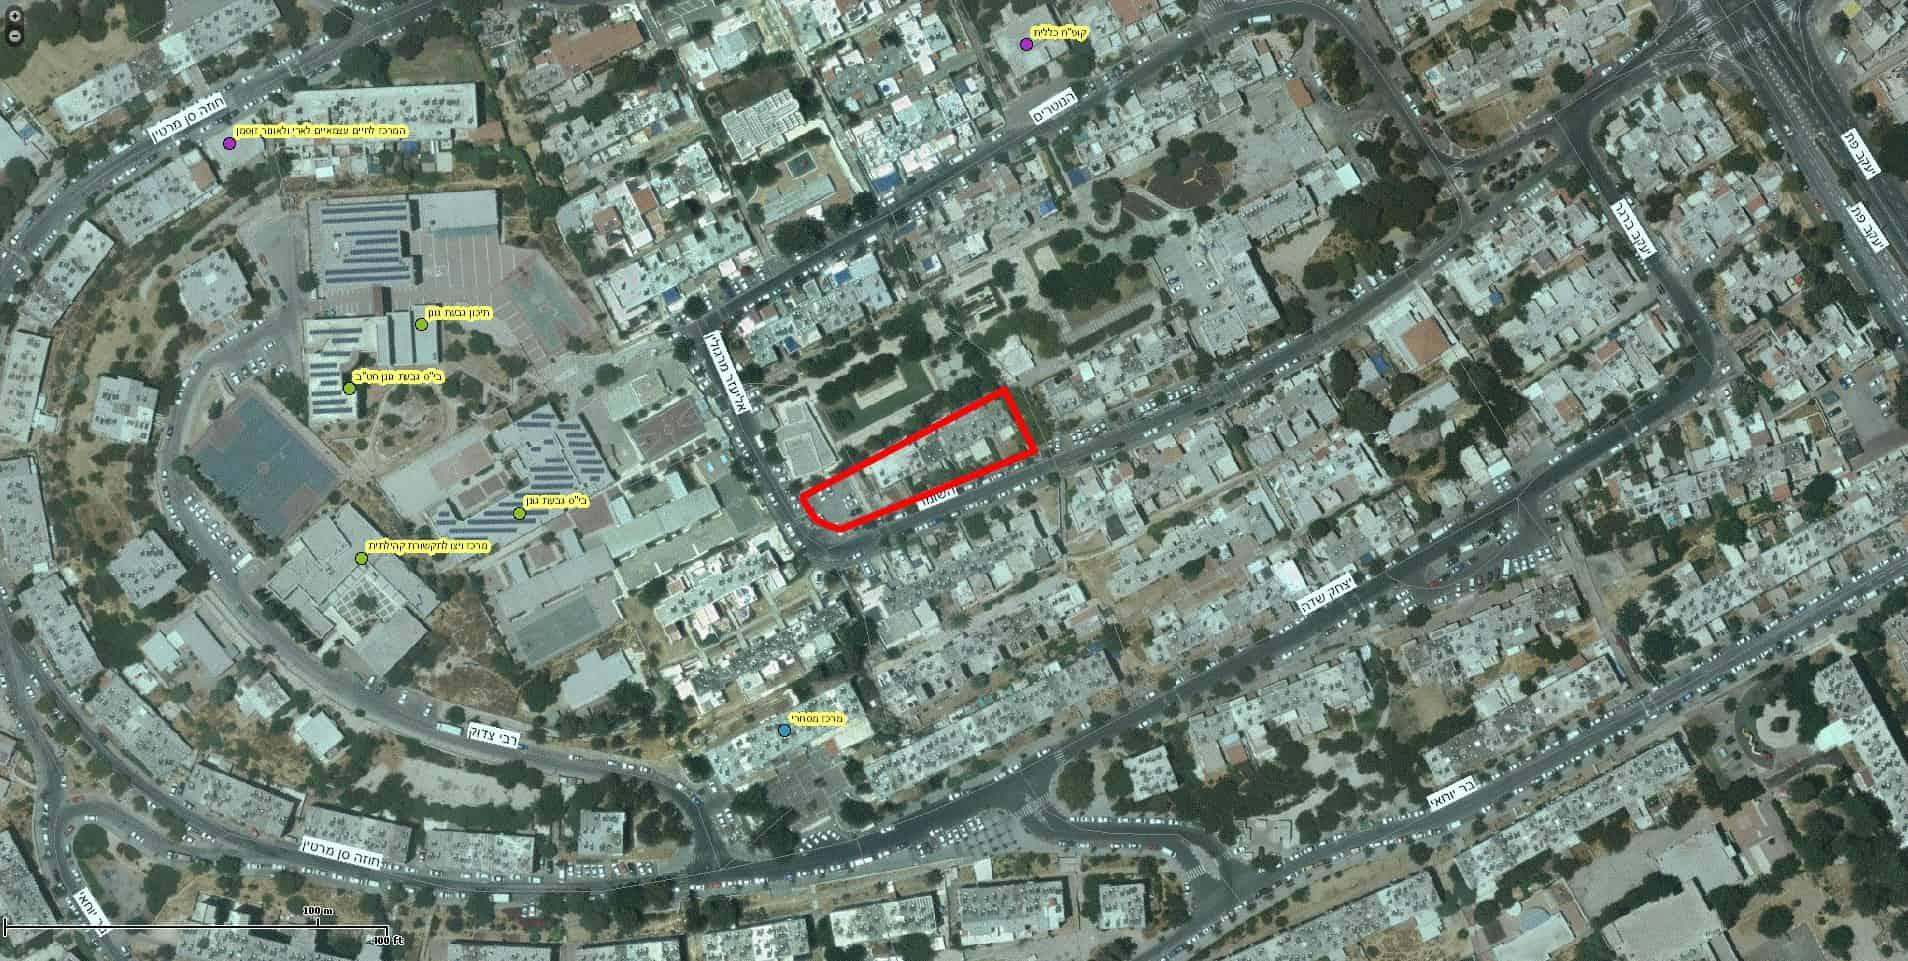 פרויקט תמא 38 בירושלים - השומר 10, ירושלים - GIS